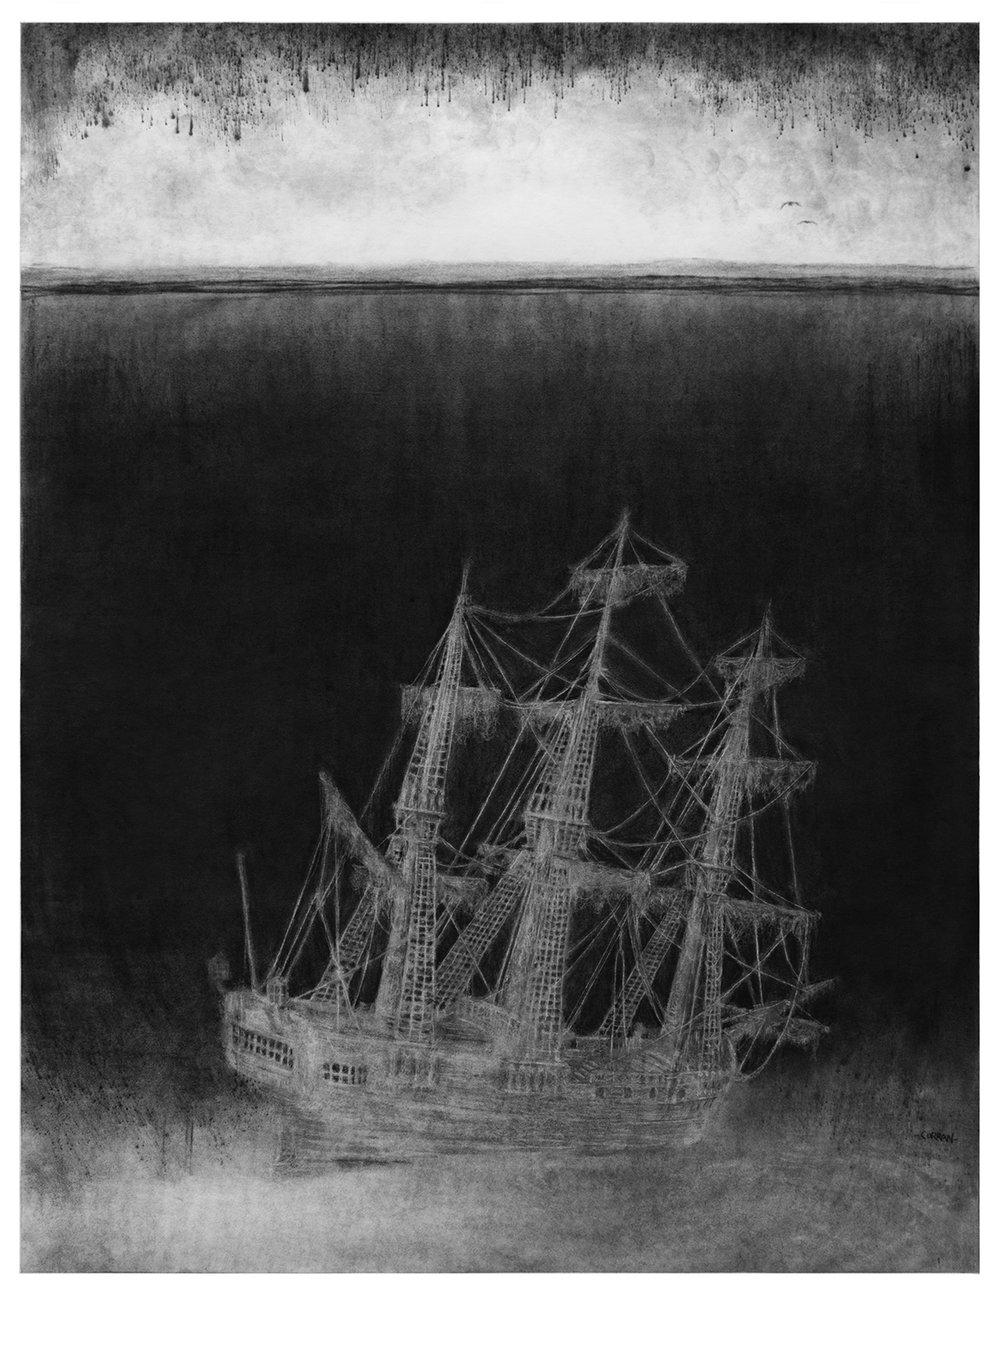 Shipwreck, 2018